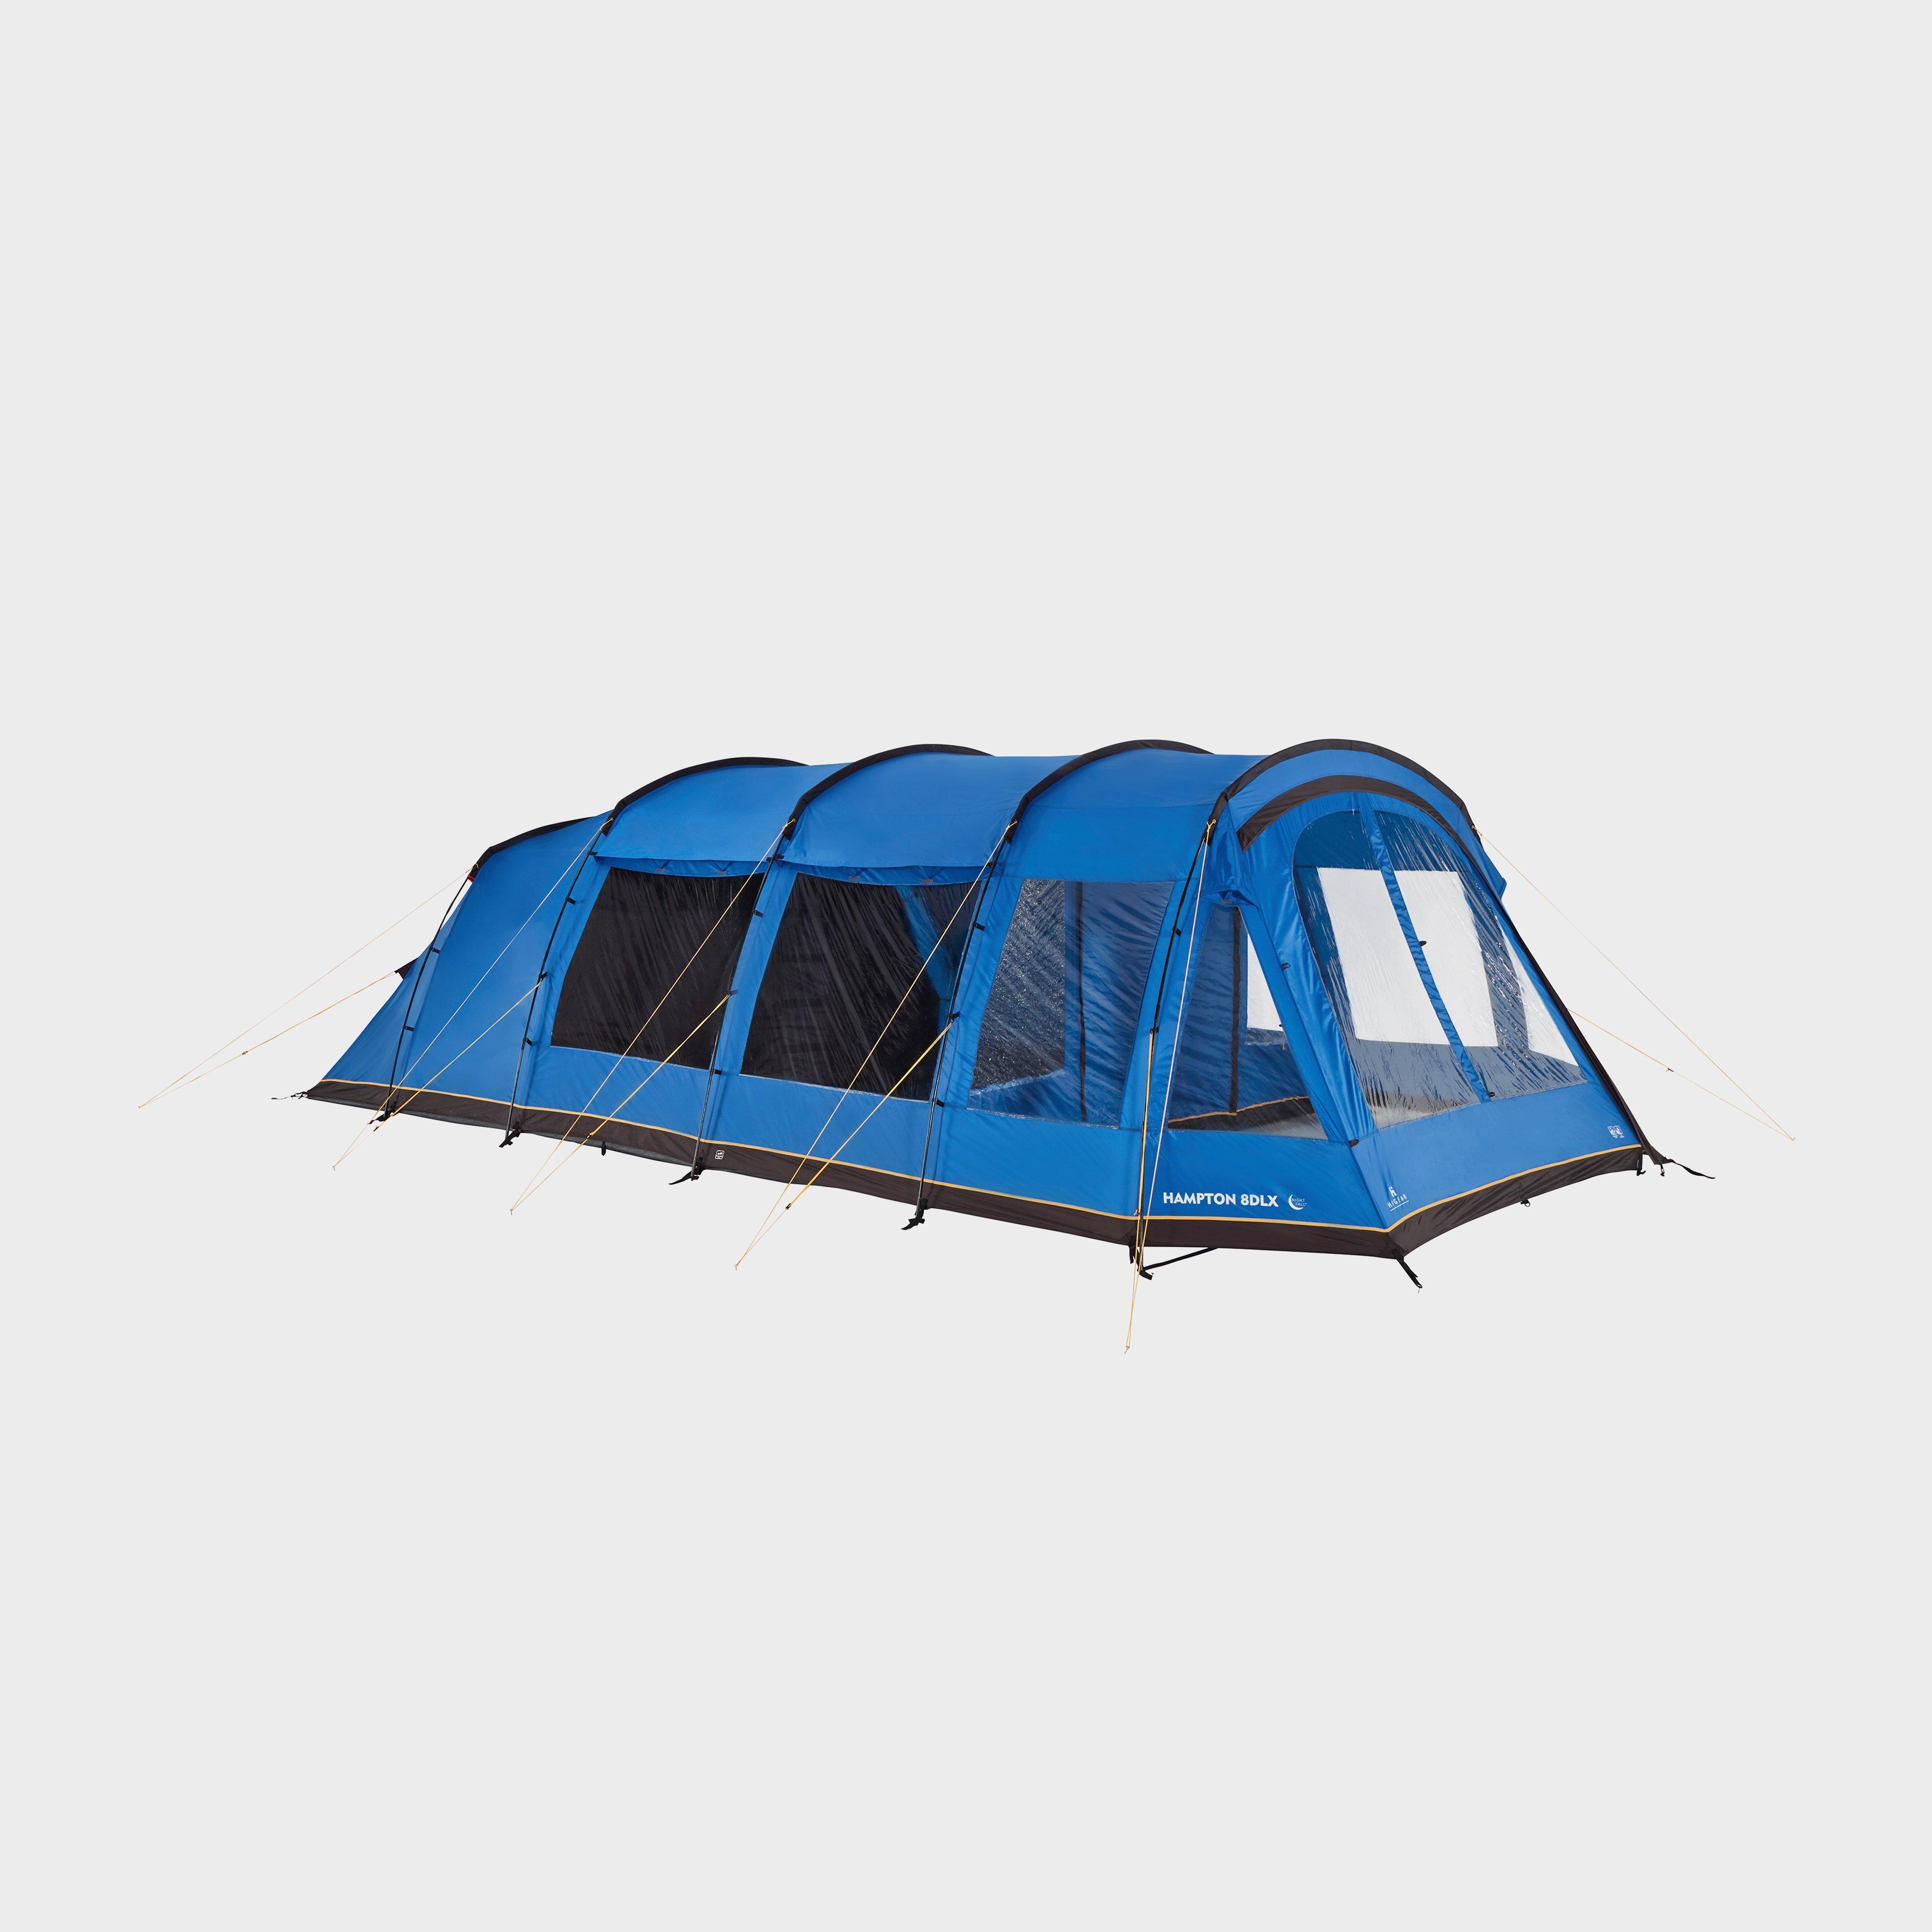 HI-GEAR Hampton 8 DLX Nightfall Tent, Blue/Blue